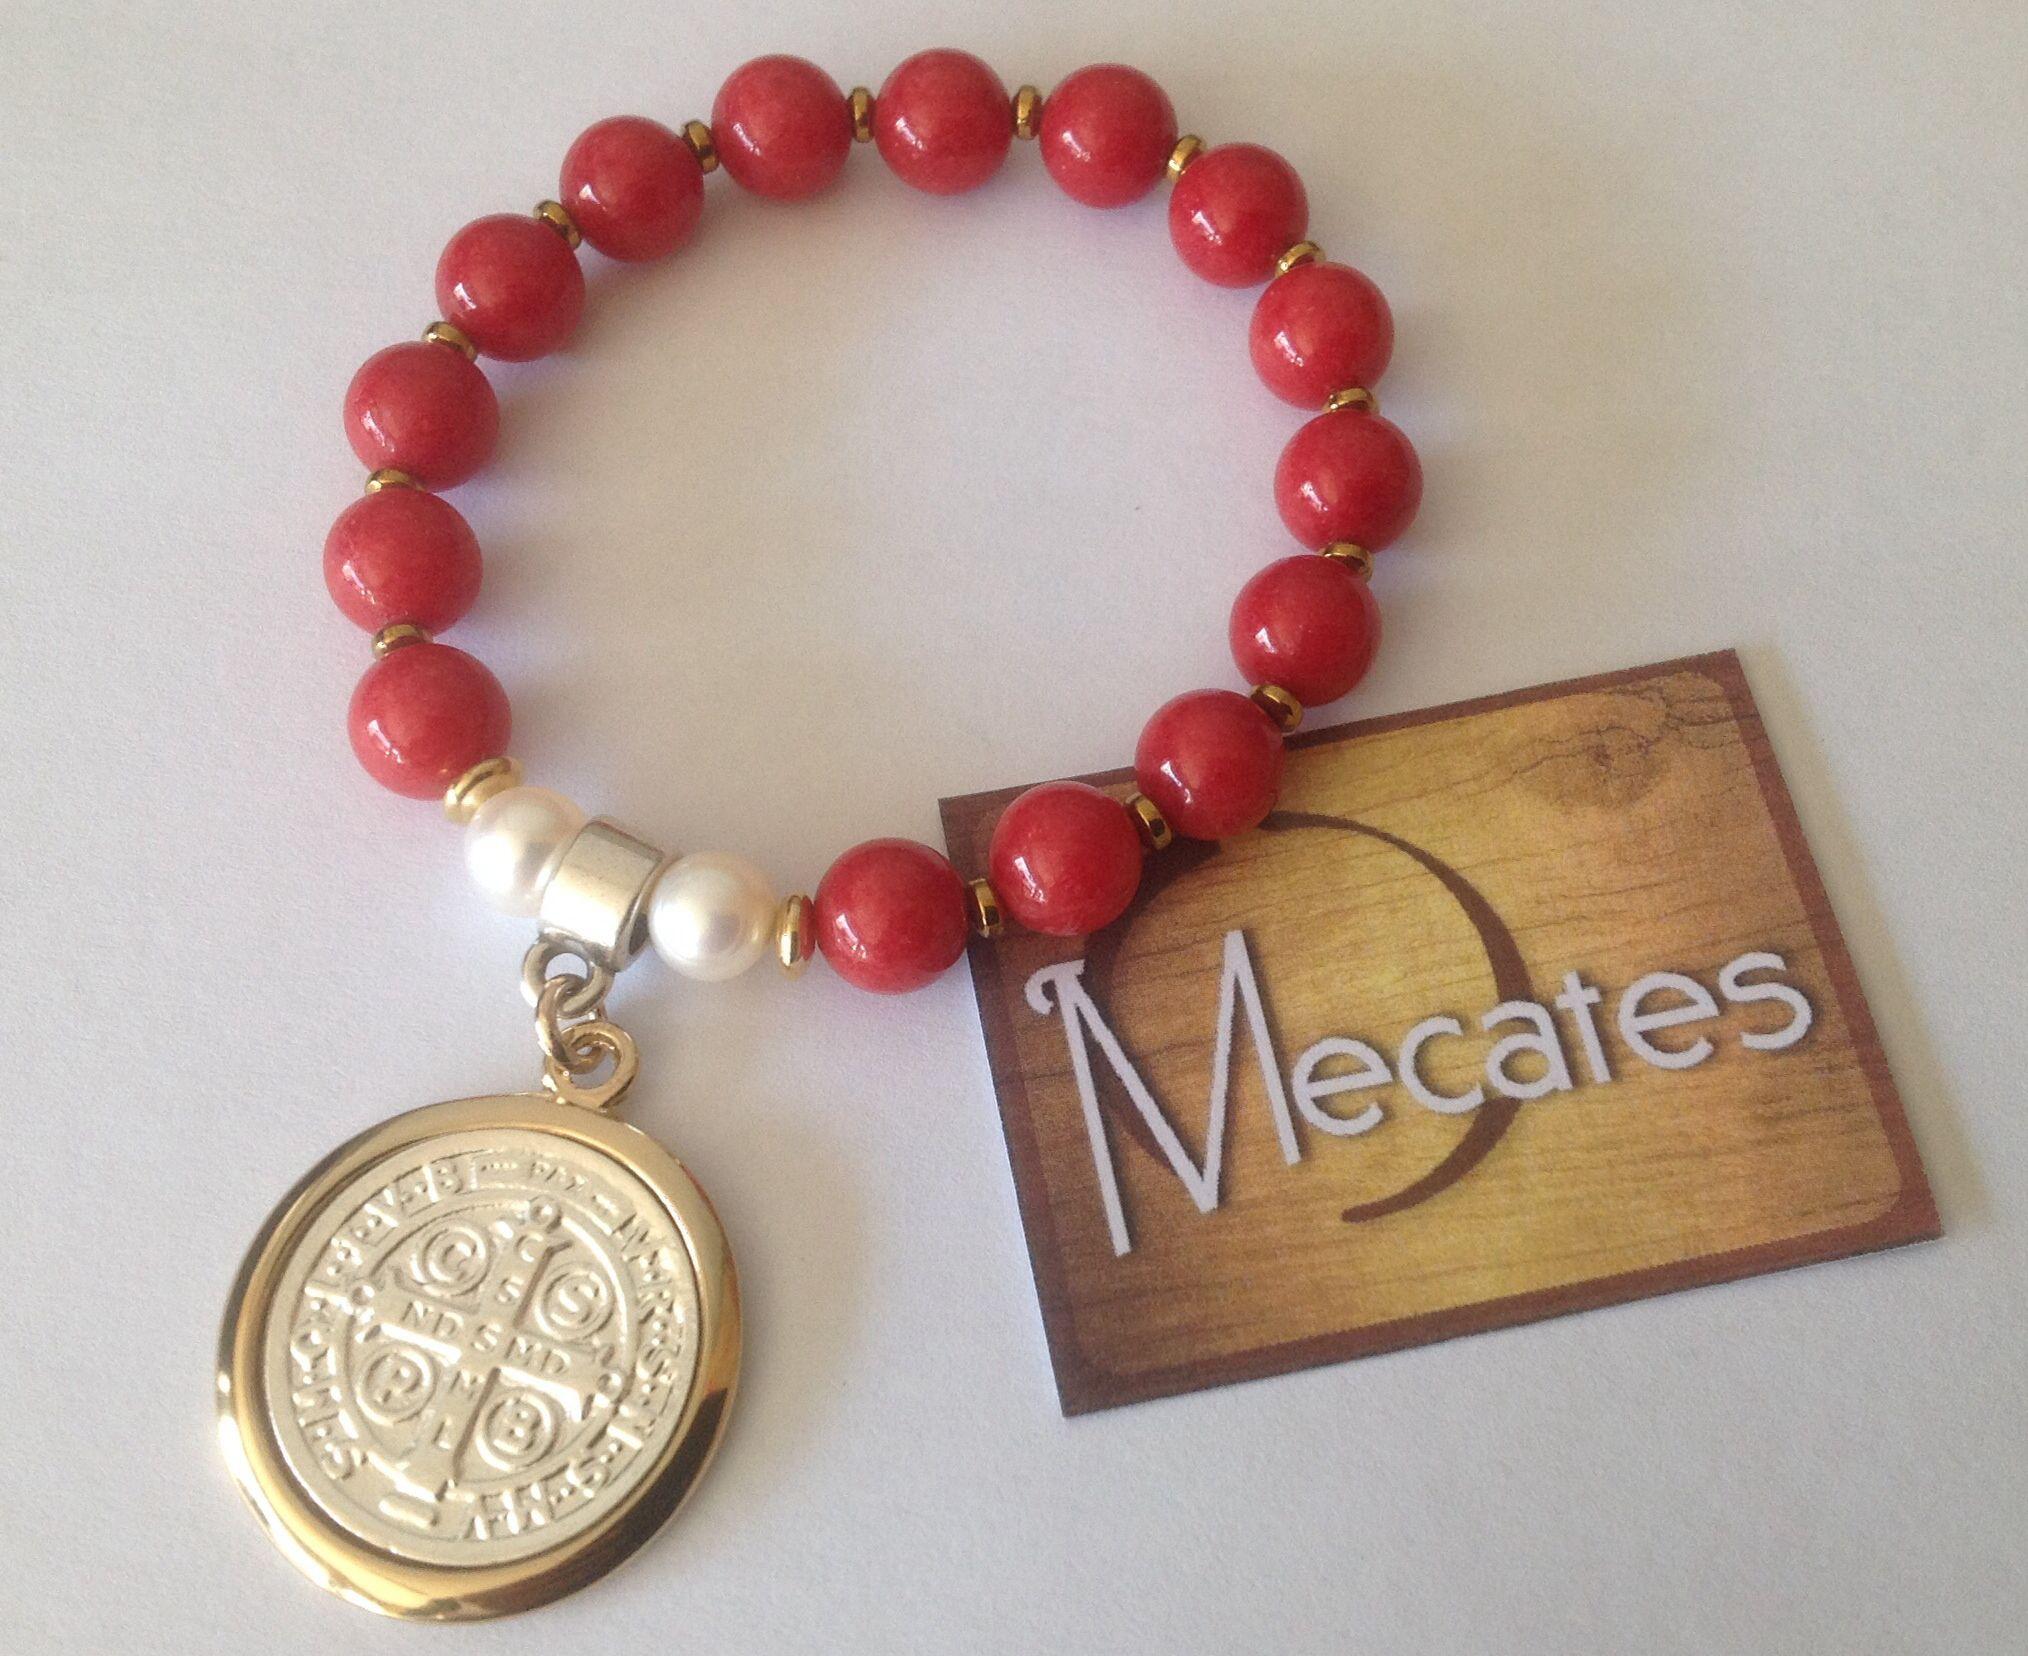 d989dc53f180 Pulsera con medalla de San Benito | Mecates | Pulseras y brazaletes ...